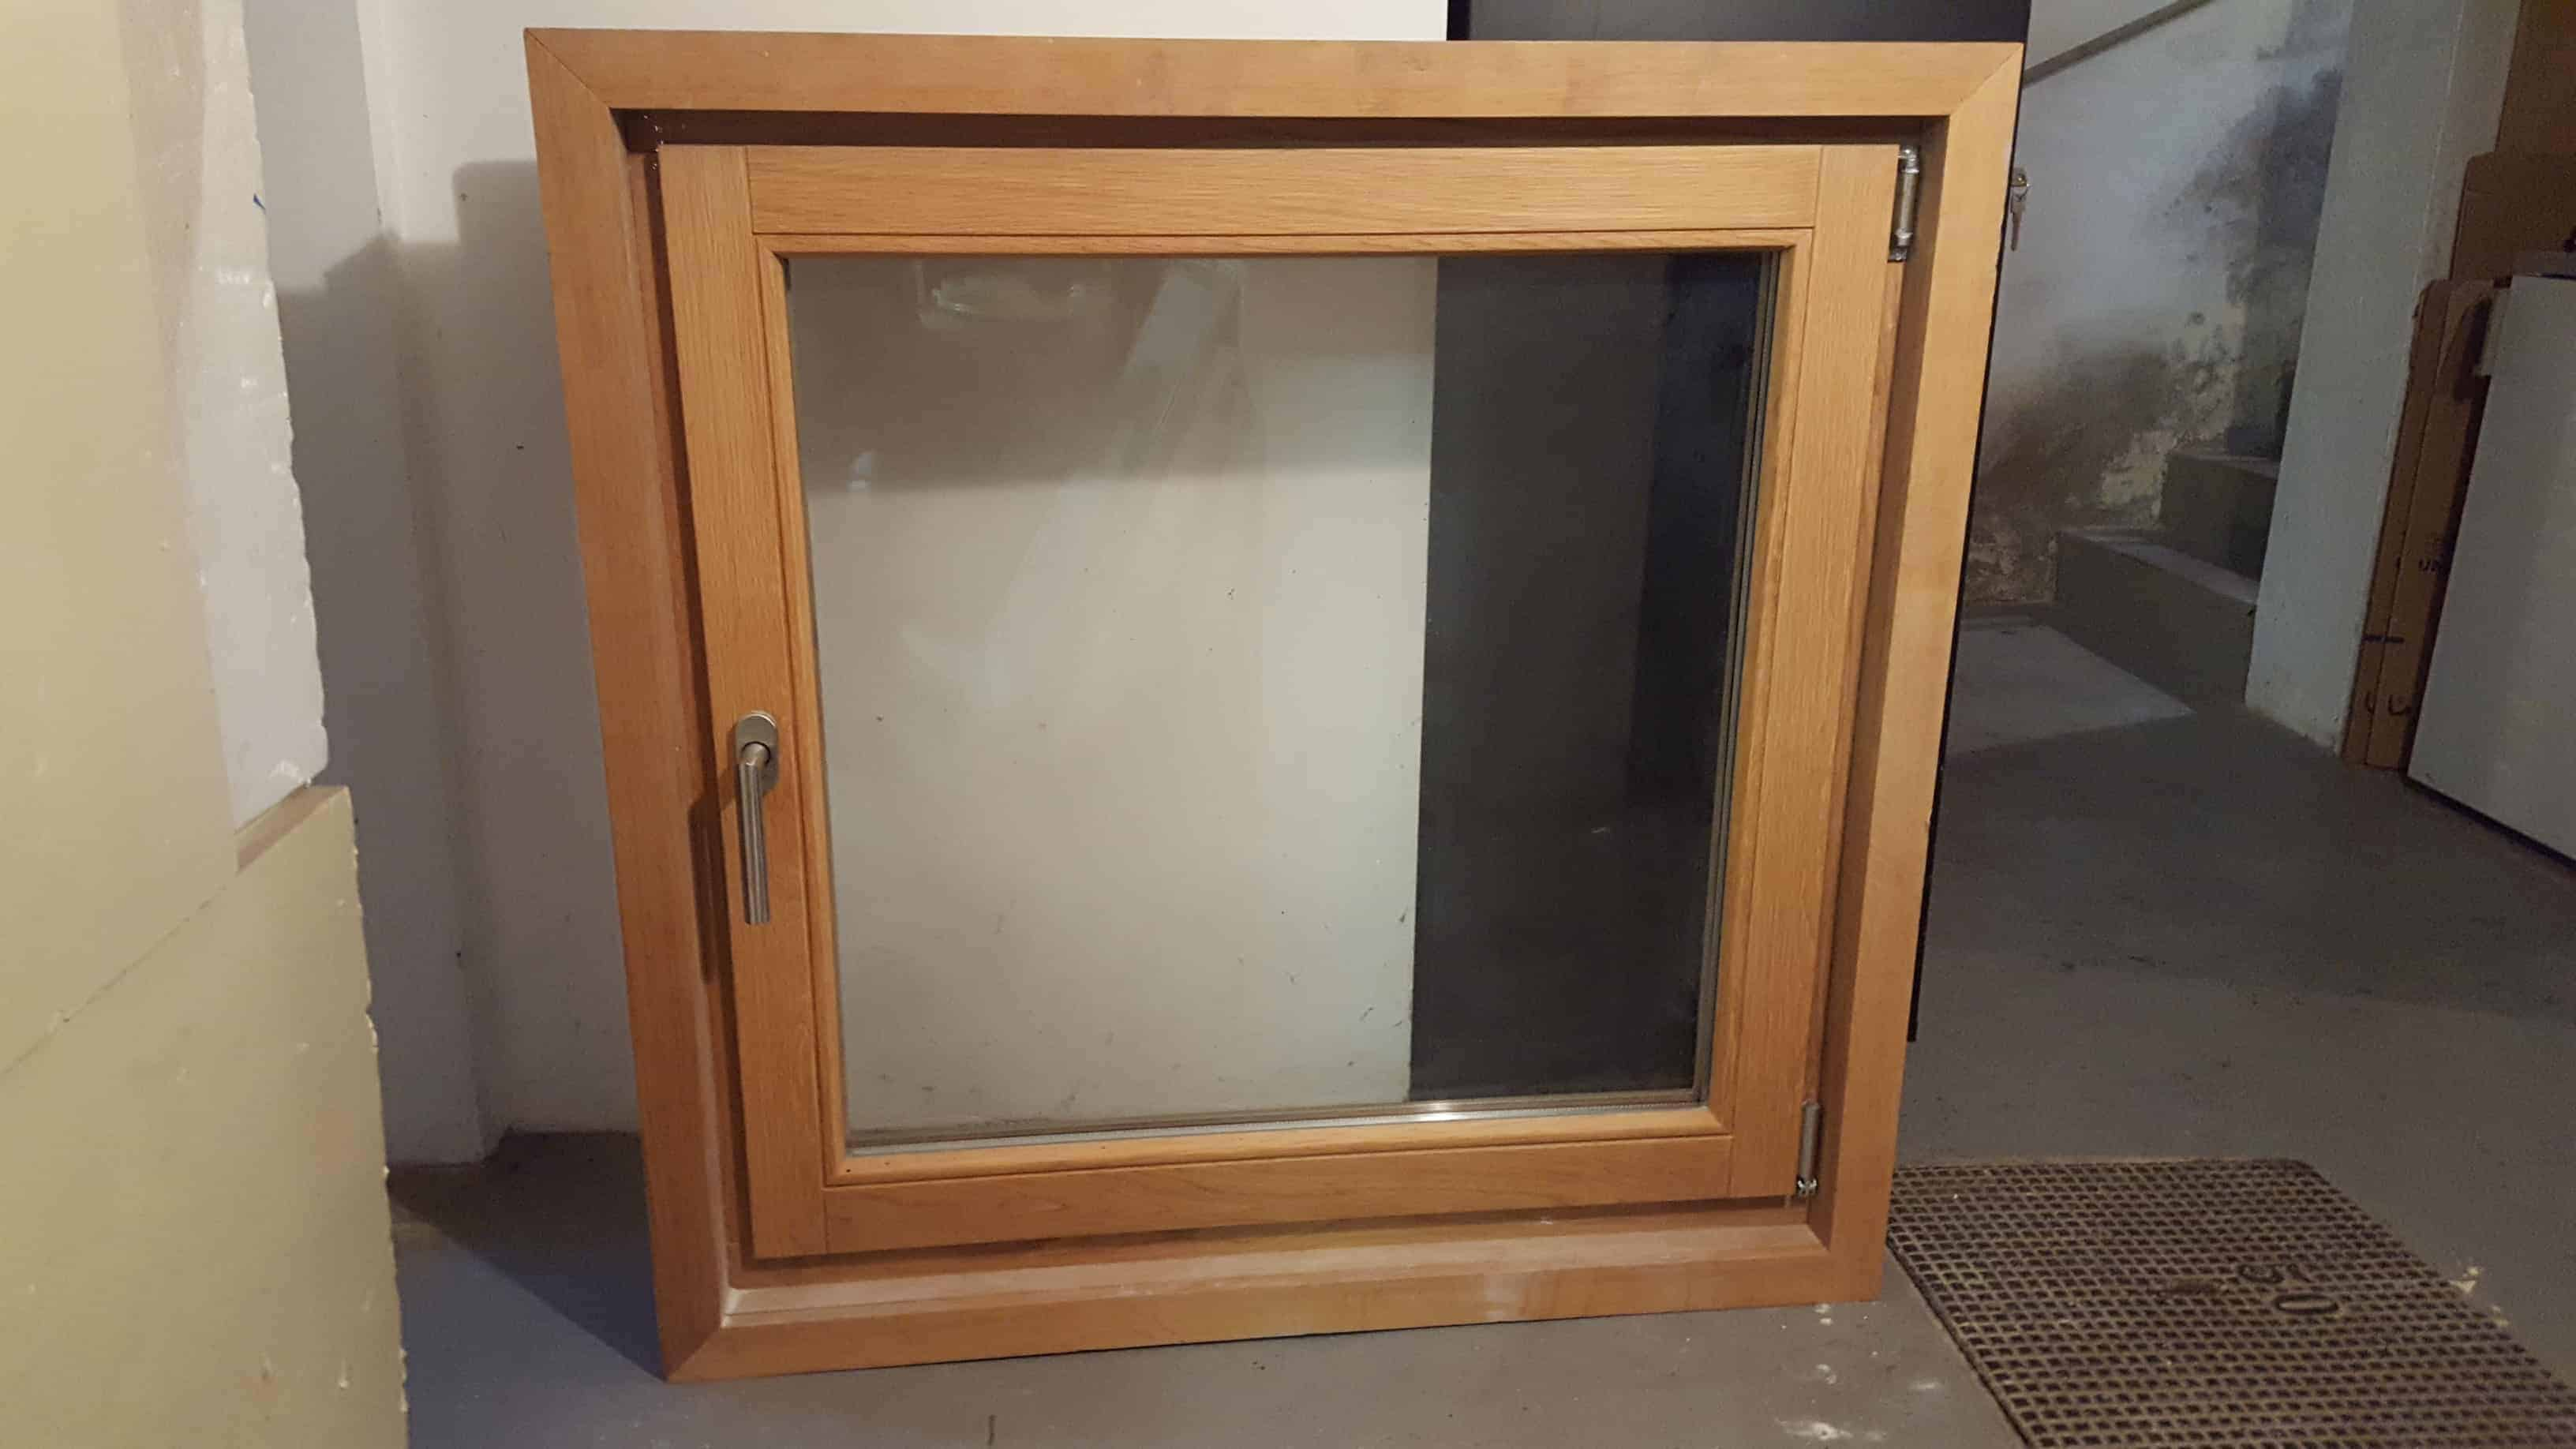 holzfenster eiche ge lt g nstig kaufen im baustoffhandel von restado gebraucht und neu. Black Bedroom Furniture Sets. Home Design Ideas